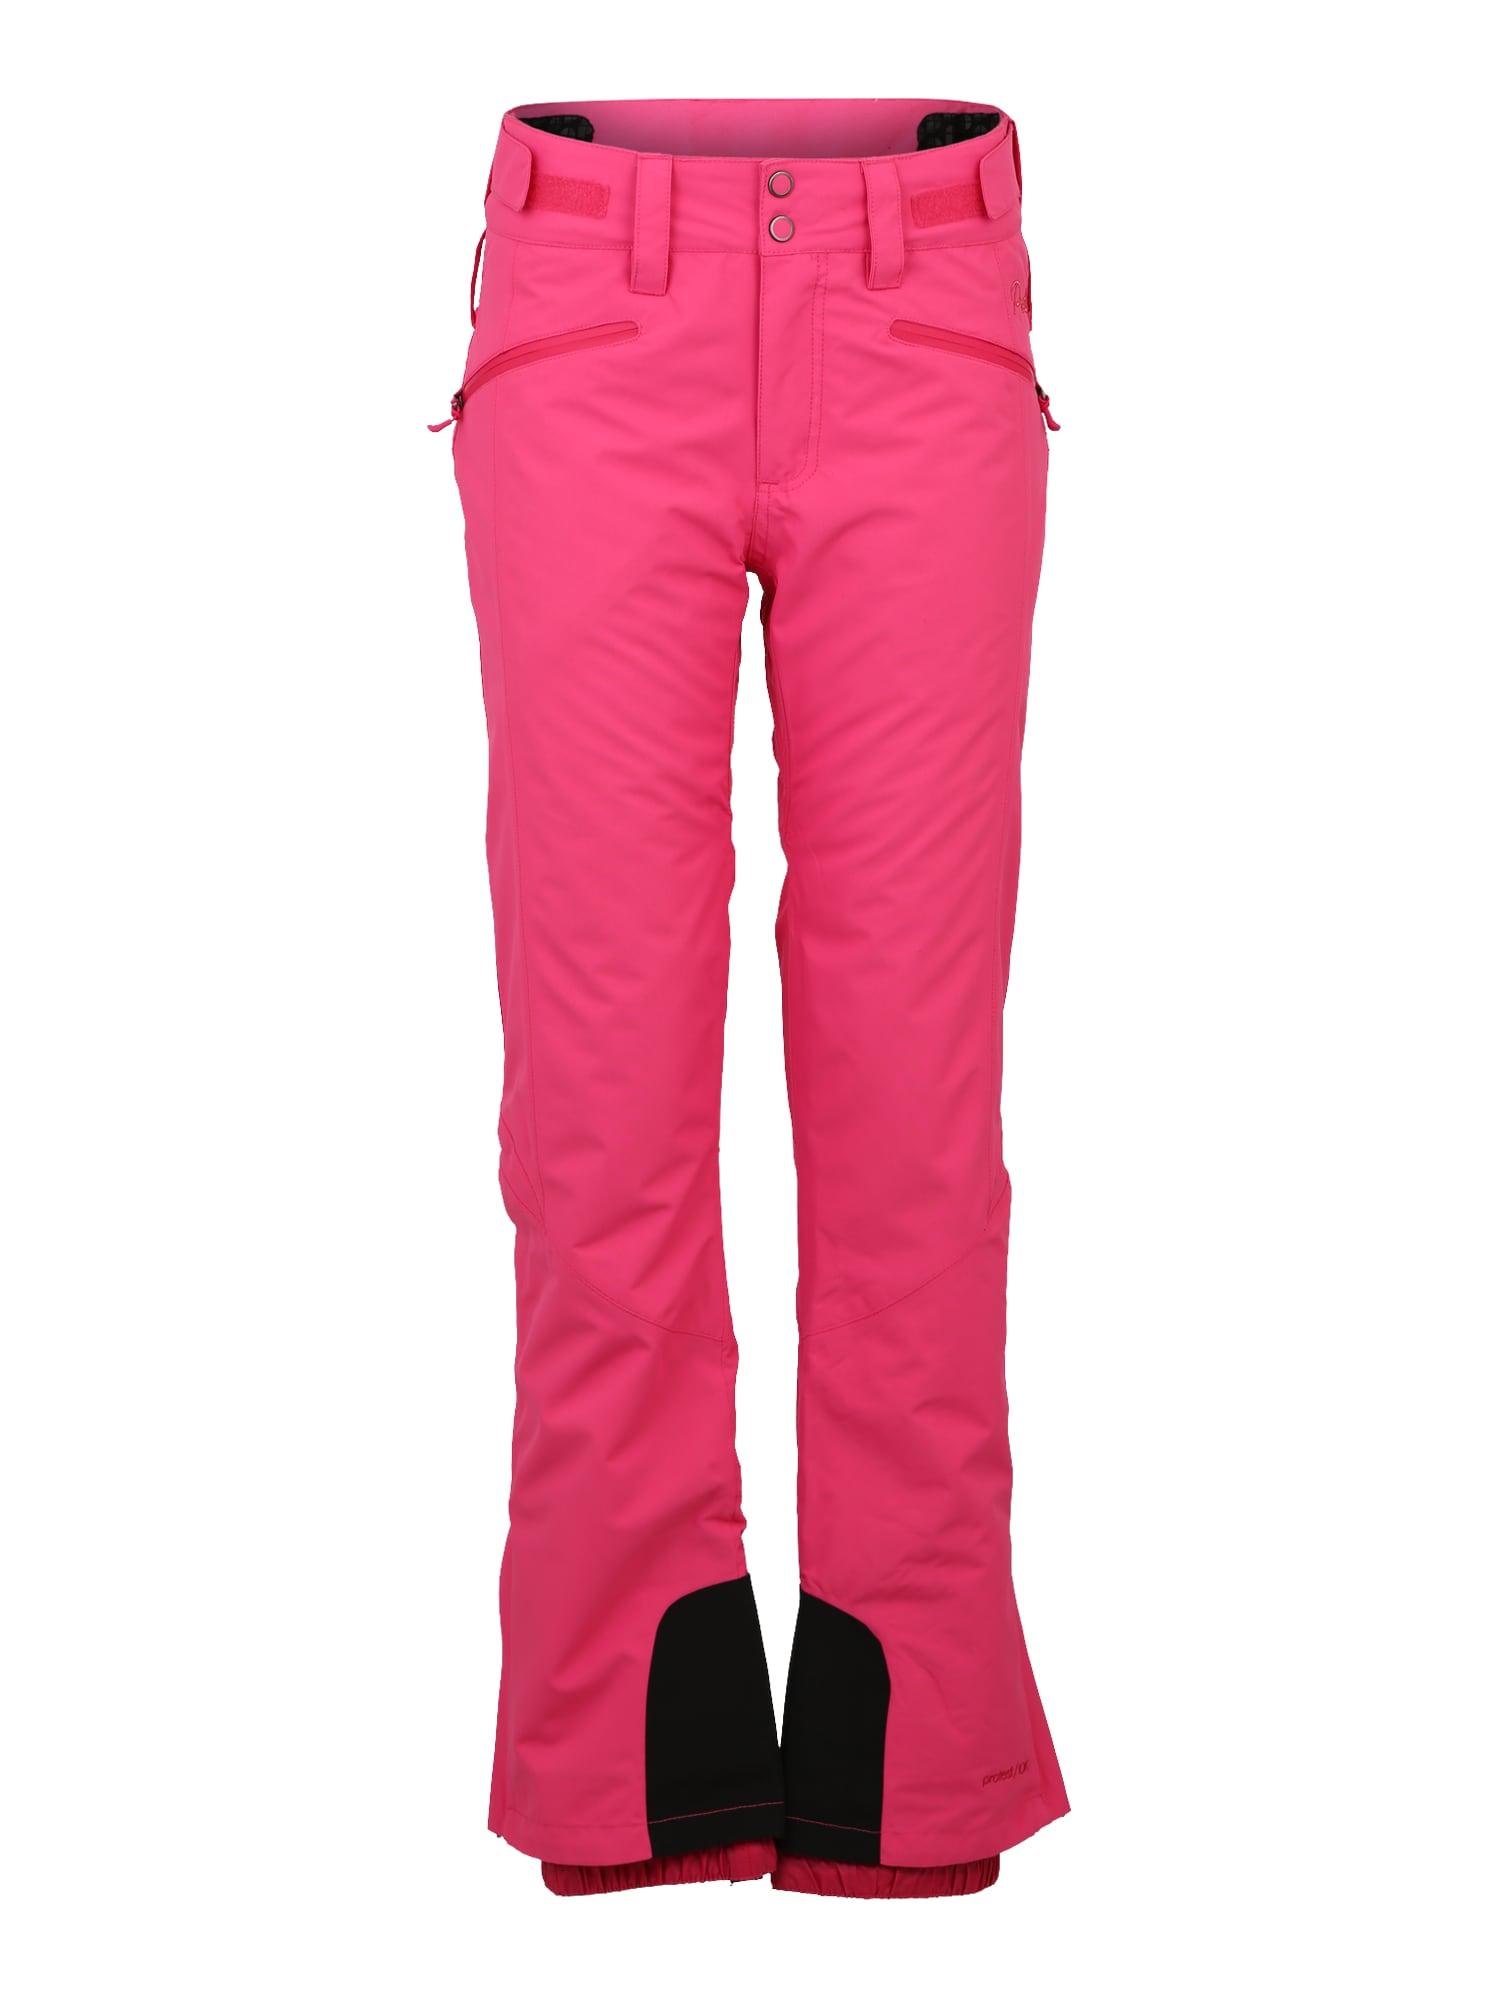 Sportovní kalhoty Kensington Snowpants pink PROTEST